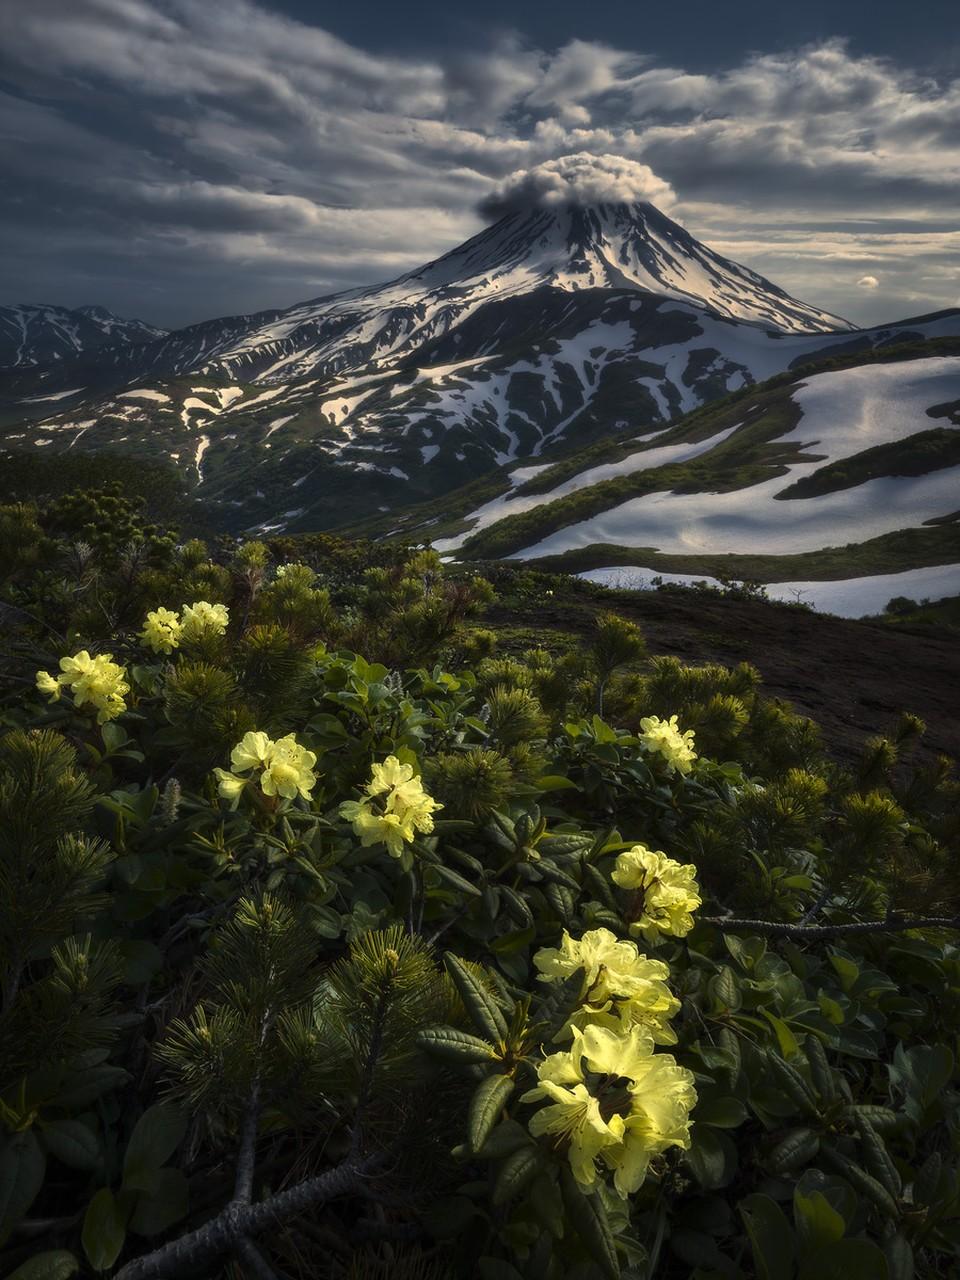 Определены победители международного конкурса пейзажной фотографии 2020 года. Фото: Isabella Tabacchi/ILPOTY 2020